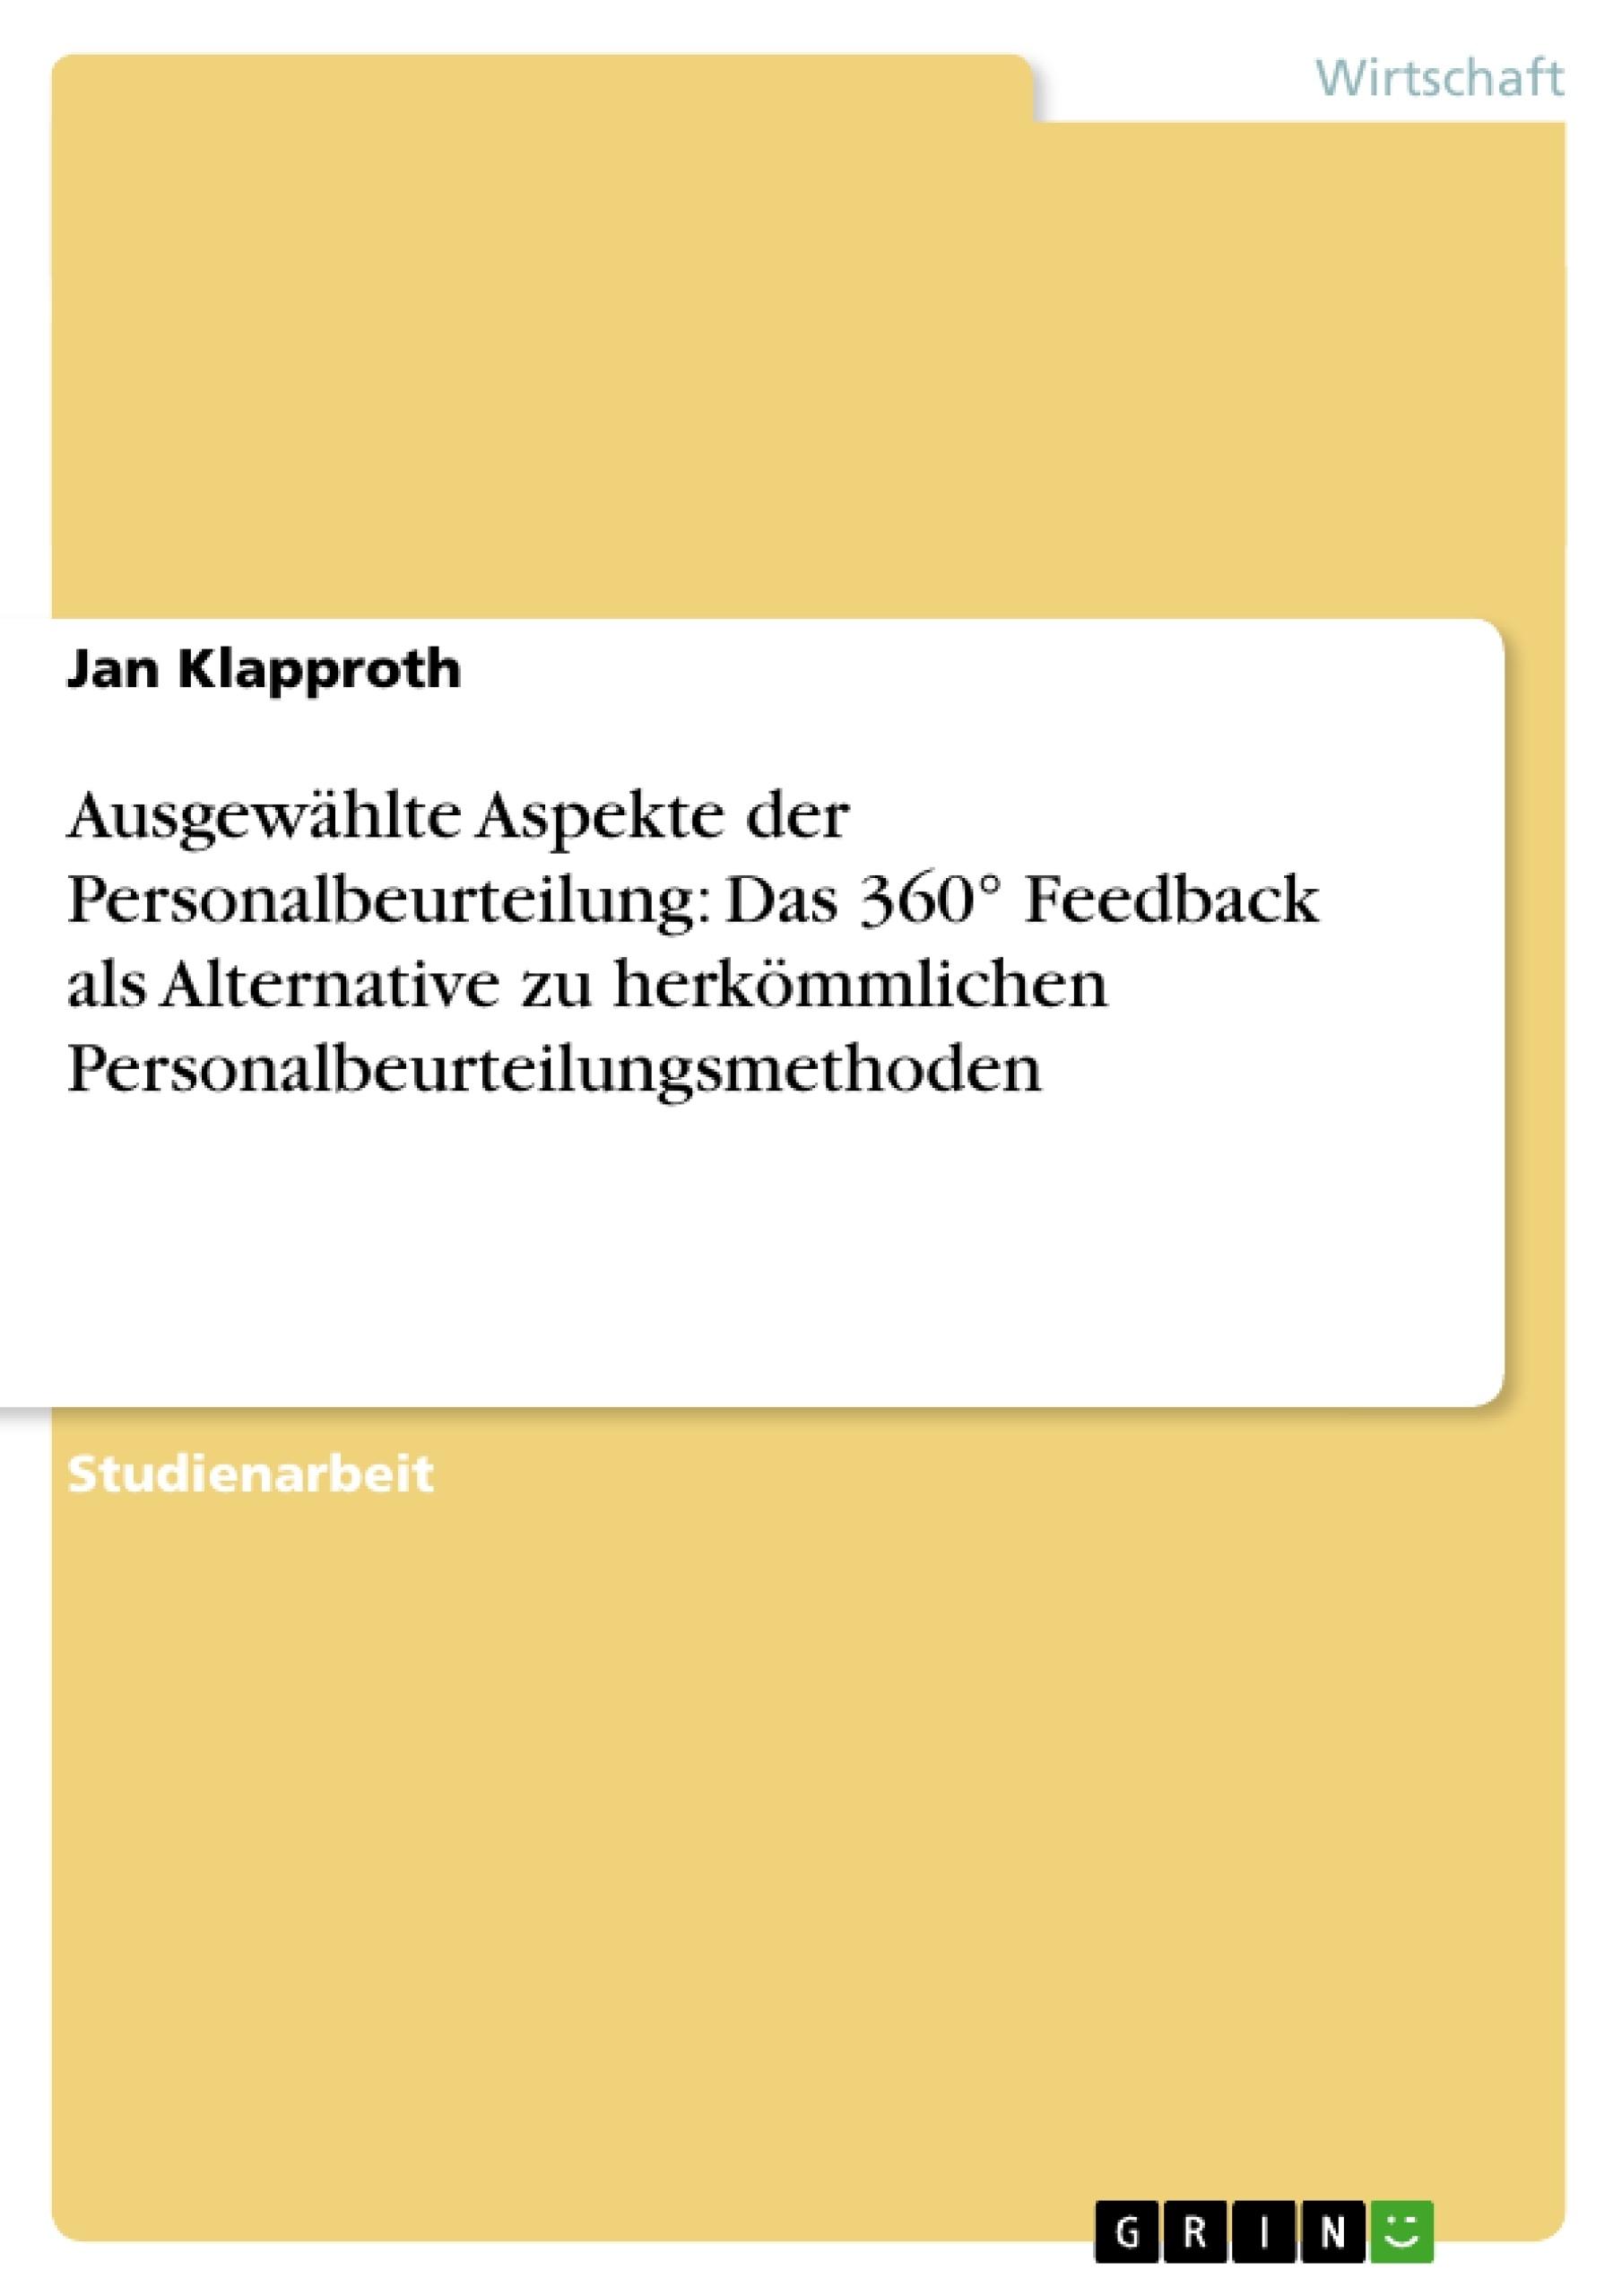 Titel: Ausgewählte Aspekte der Personalbeurteilung: Das 360° Feedback als Alternative zu herkömmlichen Personalbeurteilungsmethoden